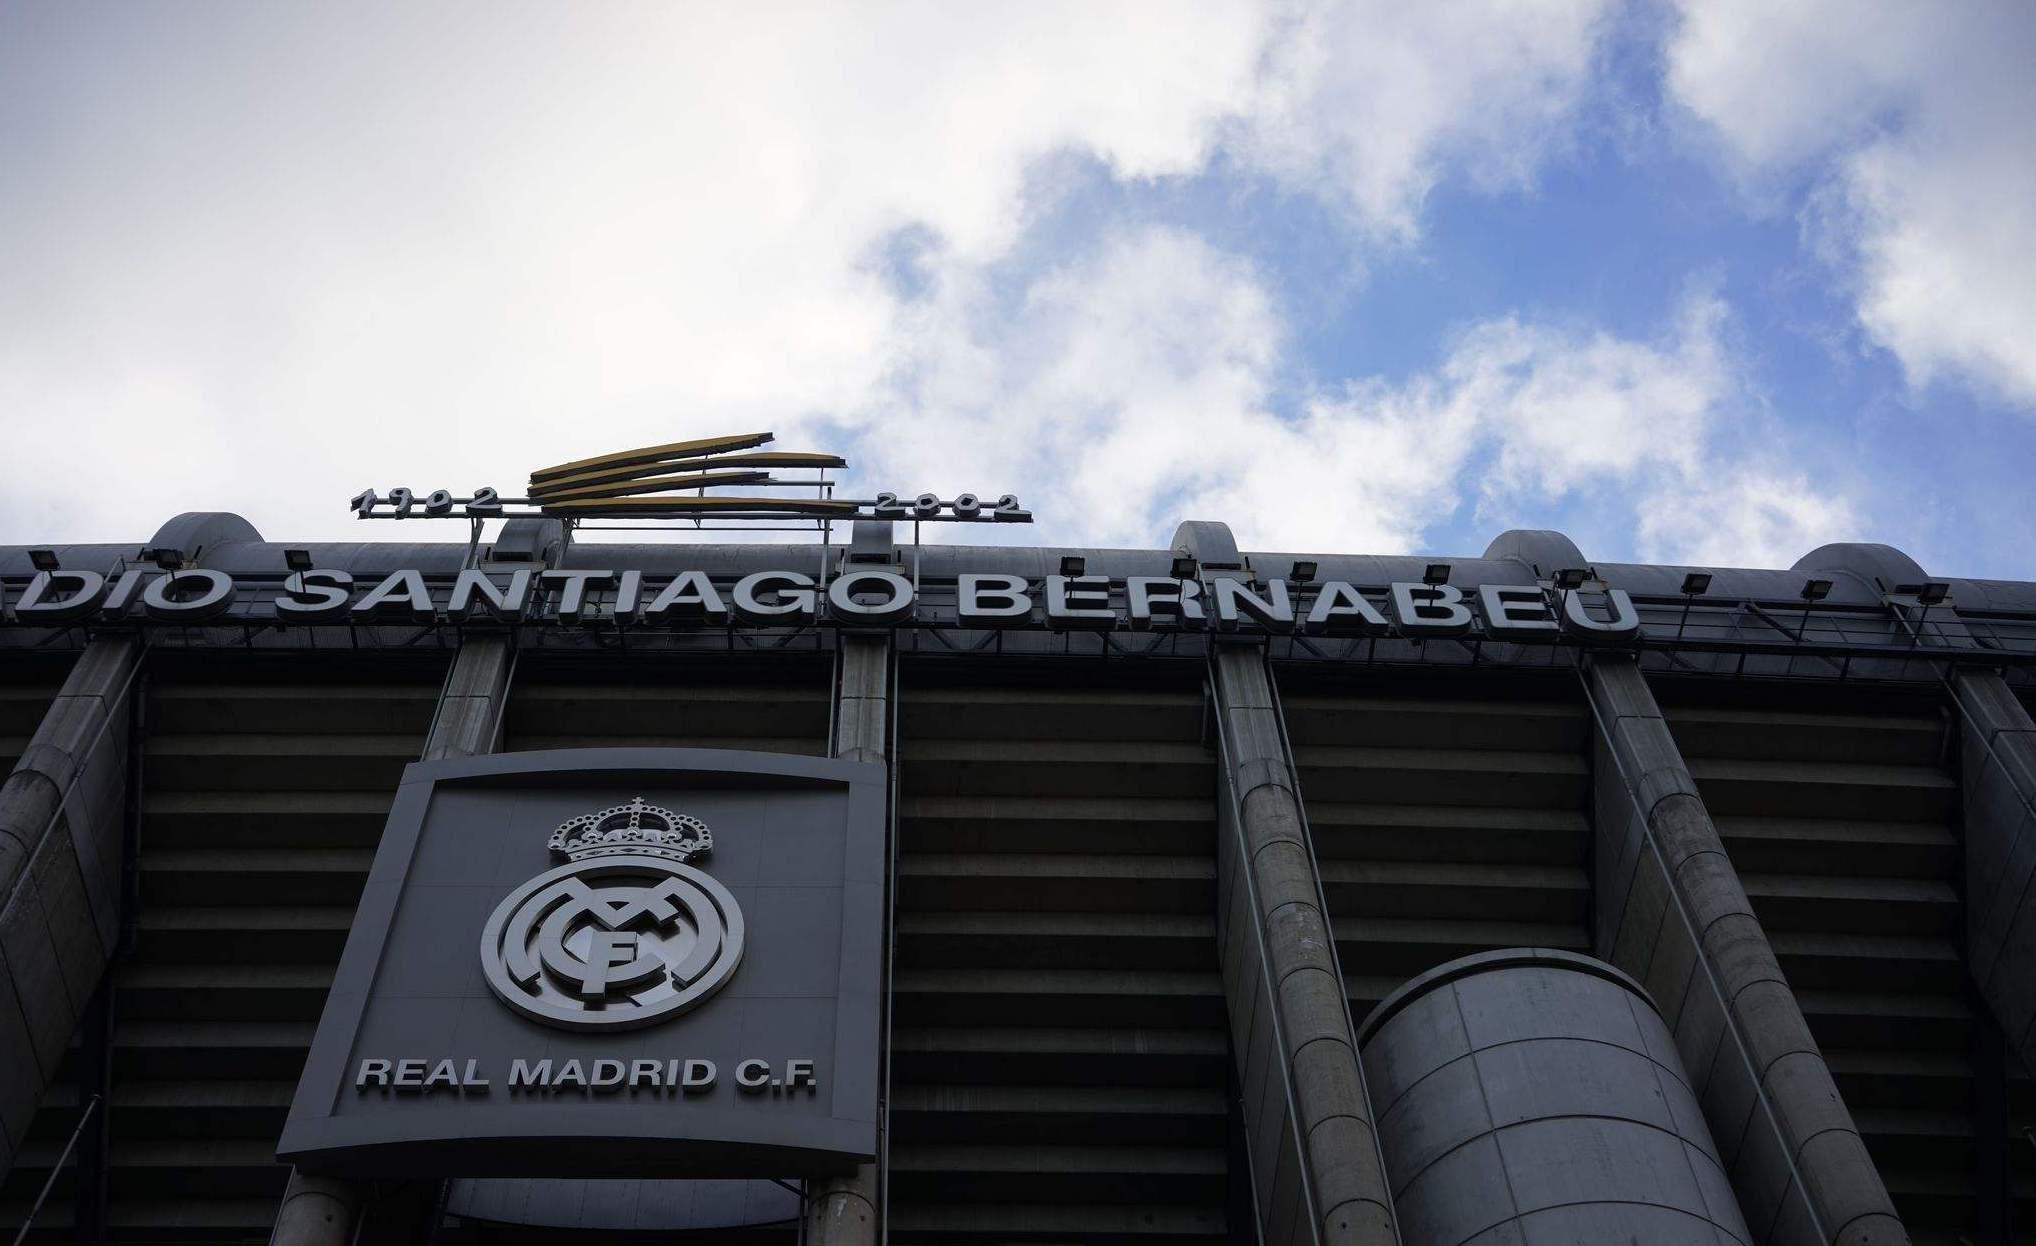 官方网站转会老特拉福德王牌自愿降低薪水为了离开曼联完成皇家马德里的BOB平台